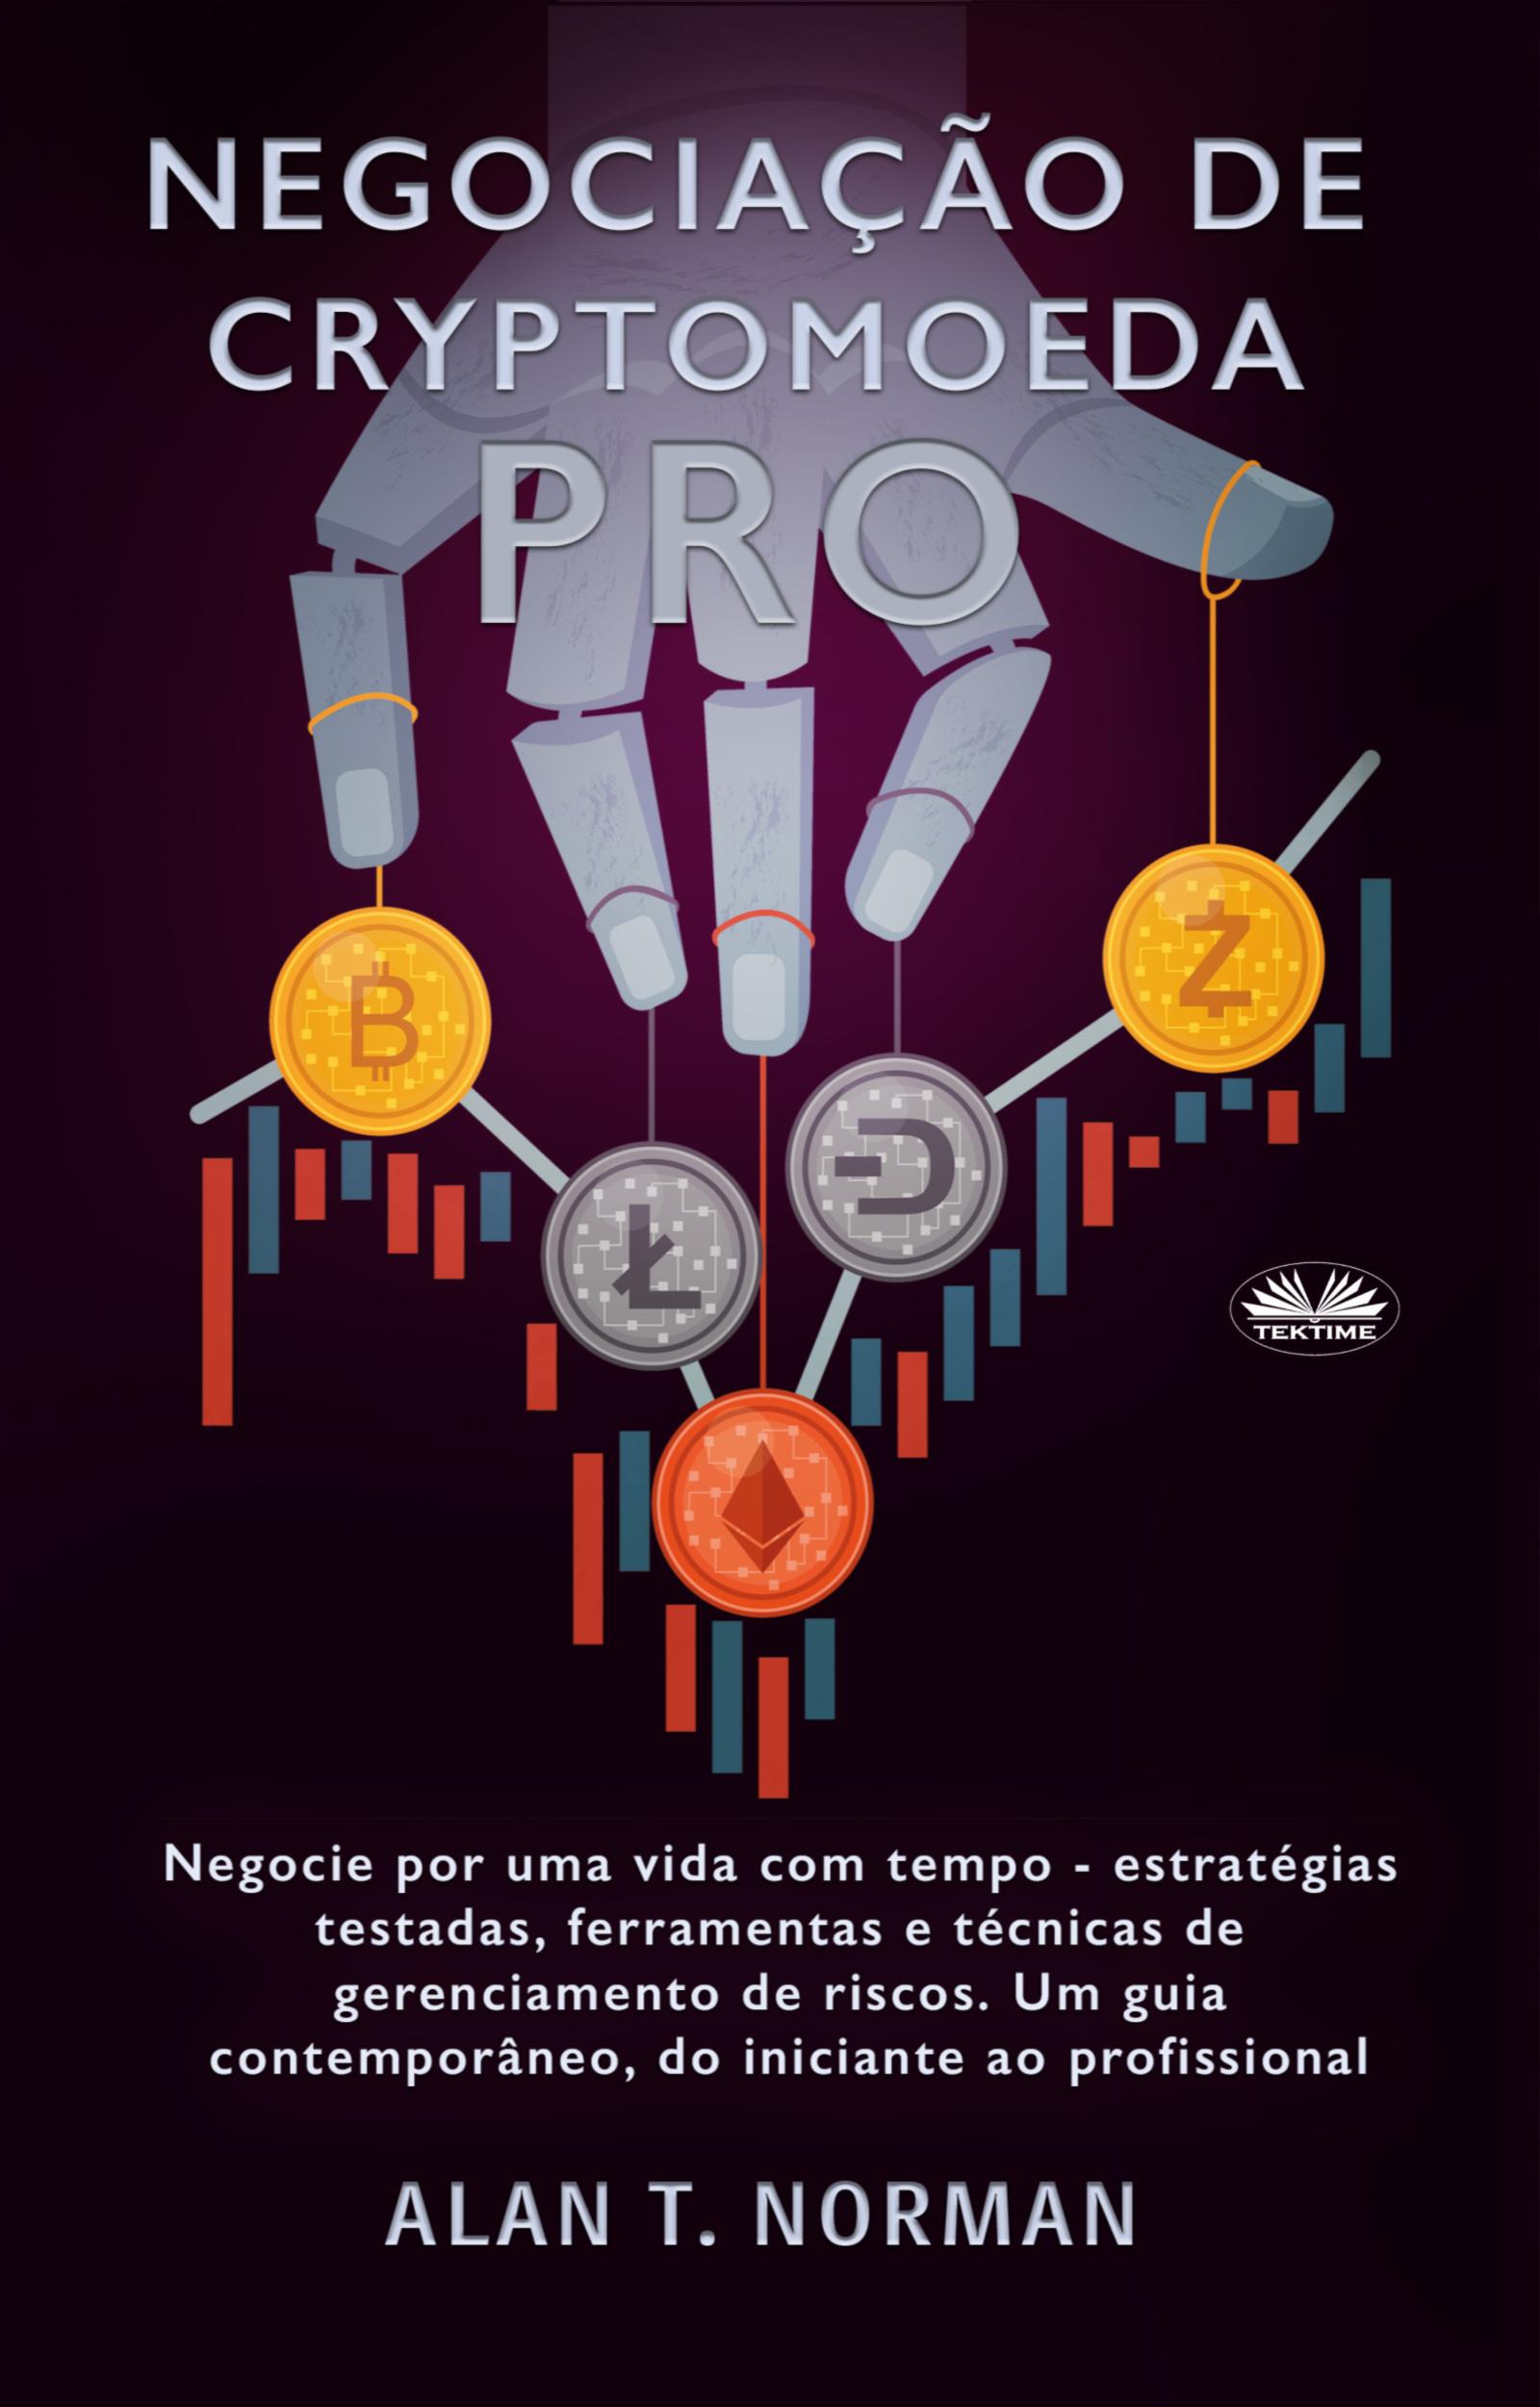 Alan T. Norman Negociação De Cryptomoeda Pró